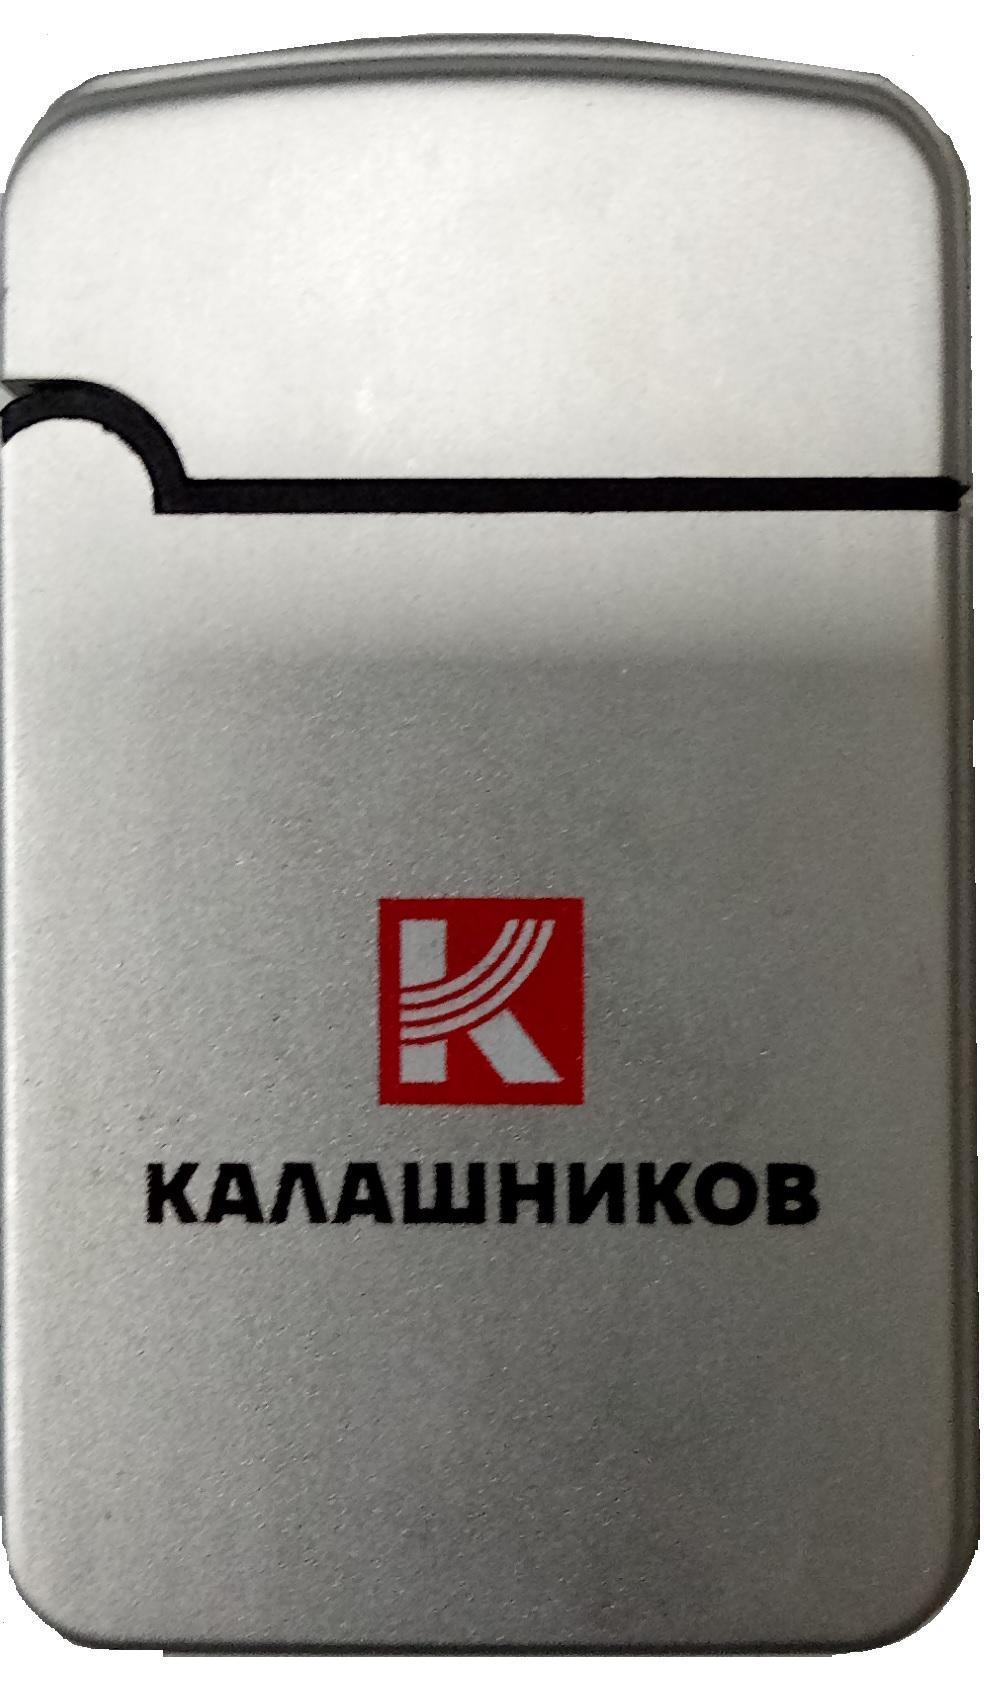 Зажигалка КАЛАШНИКОВ ОТК000128